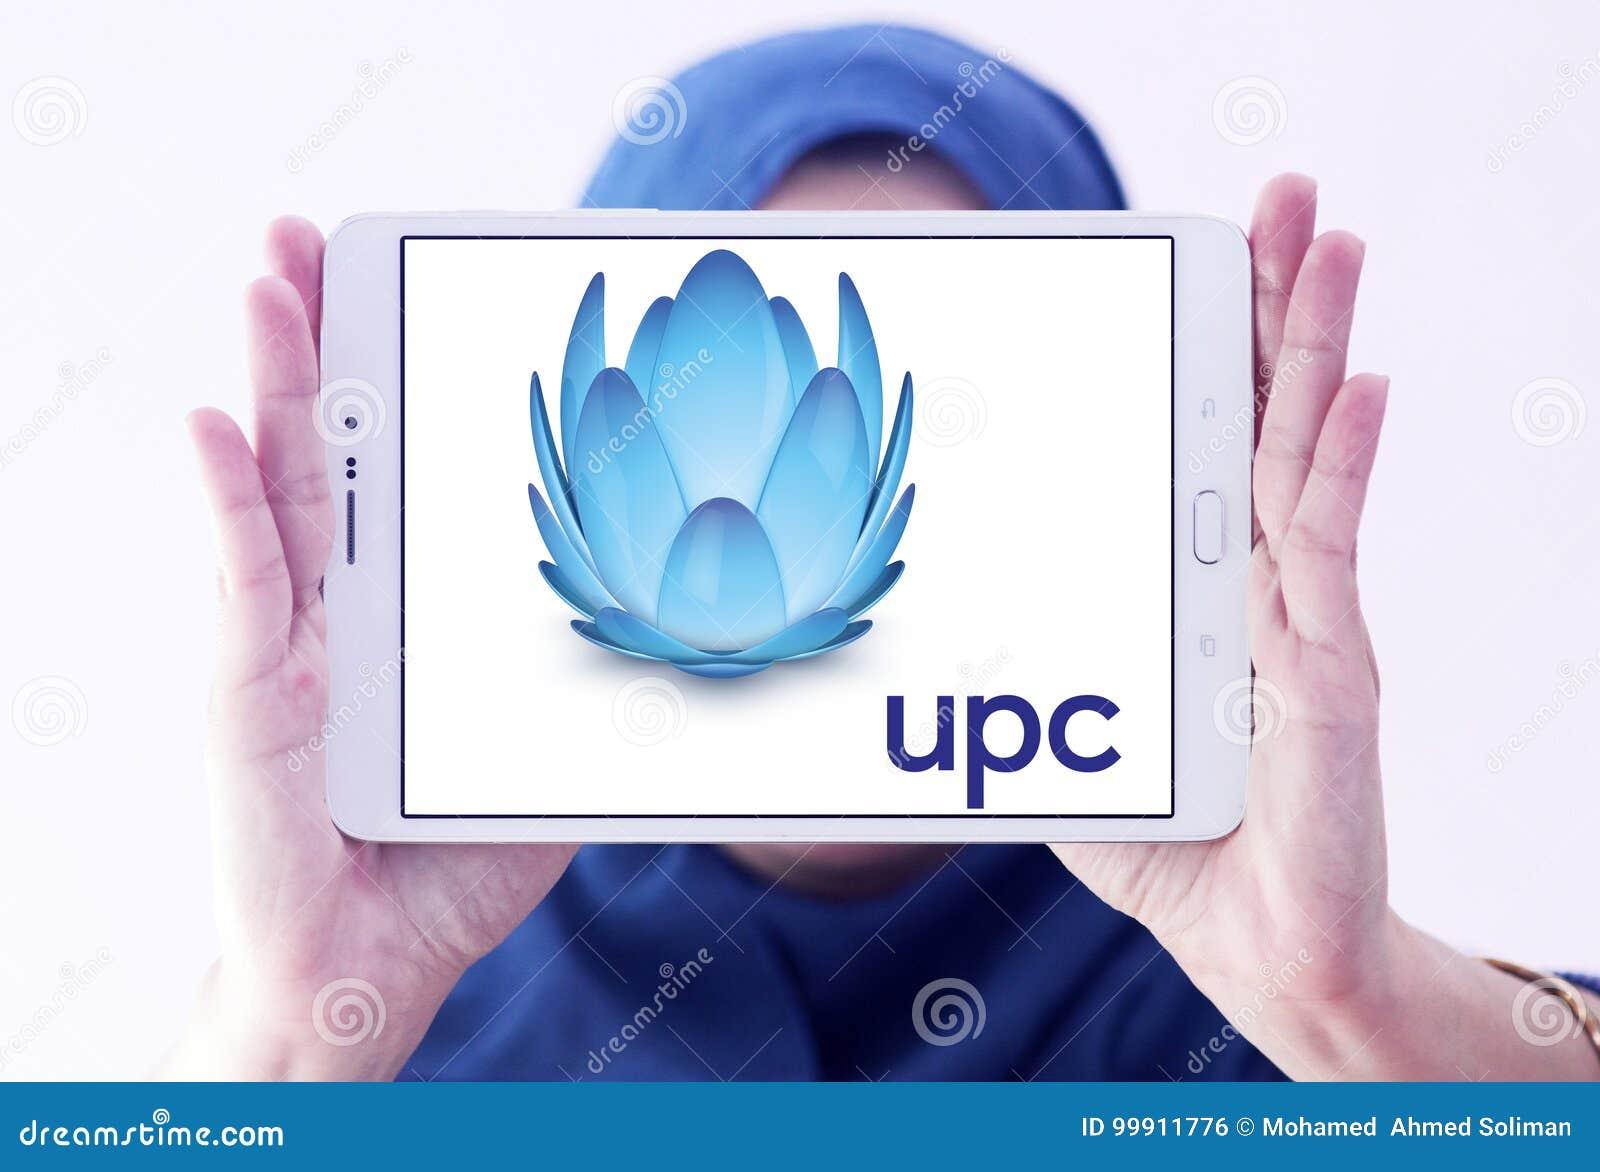 UPC Broadband logo editorial photo  Image of communication